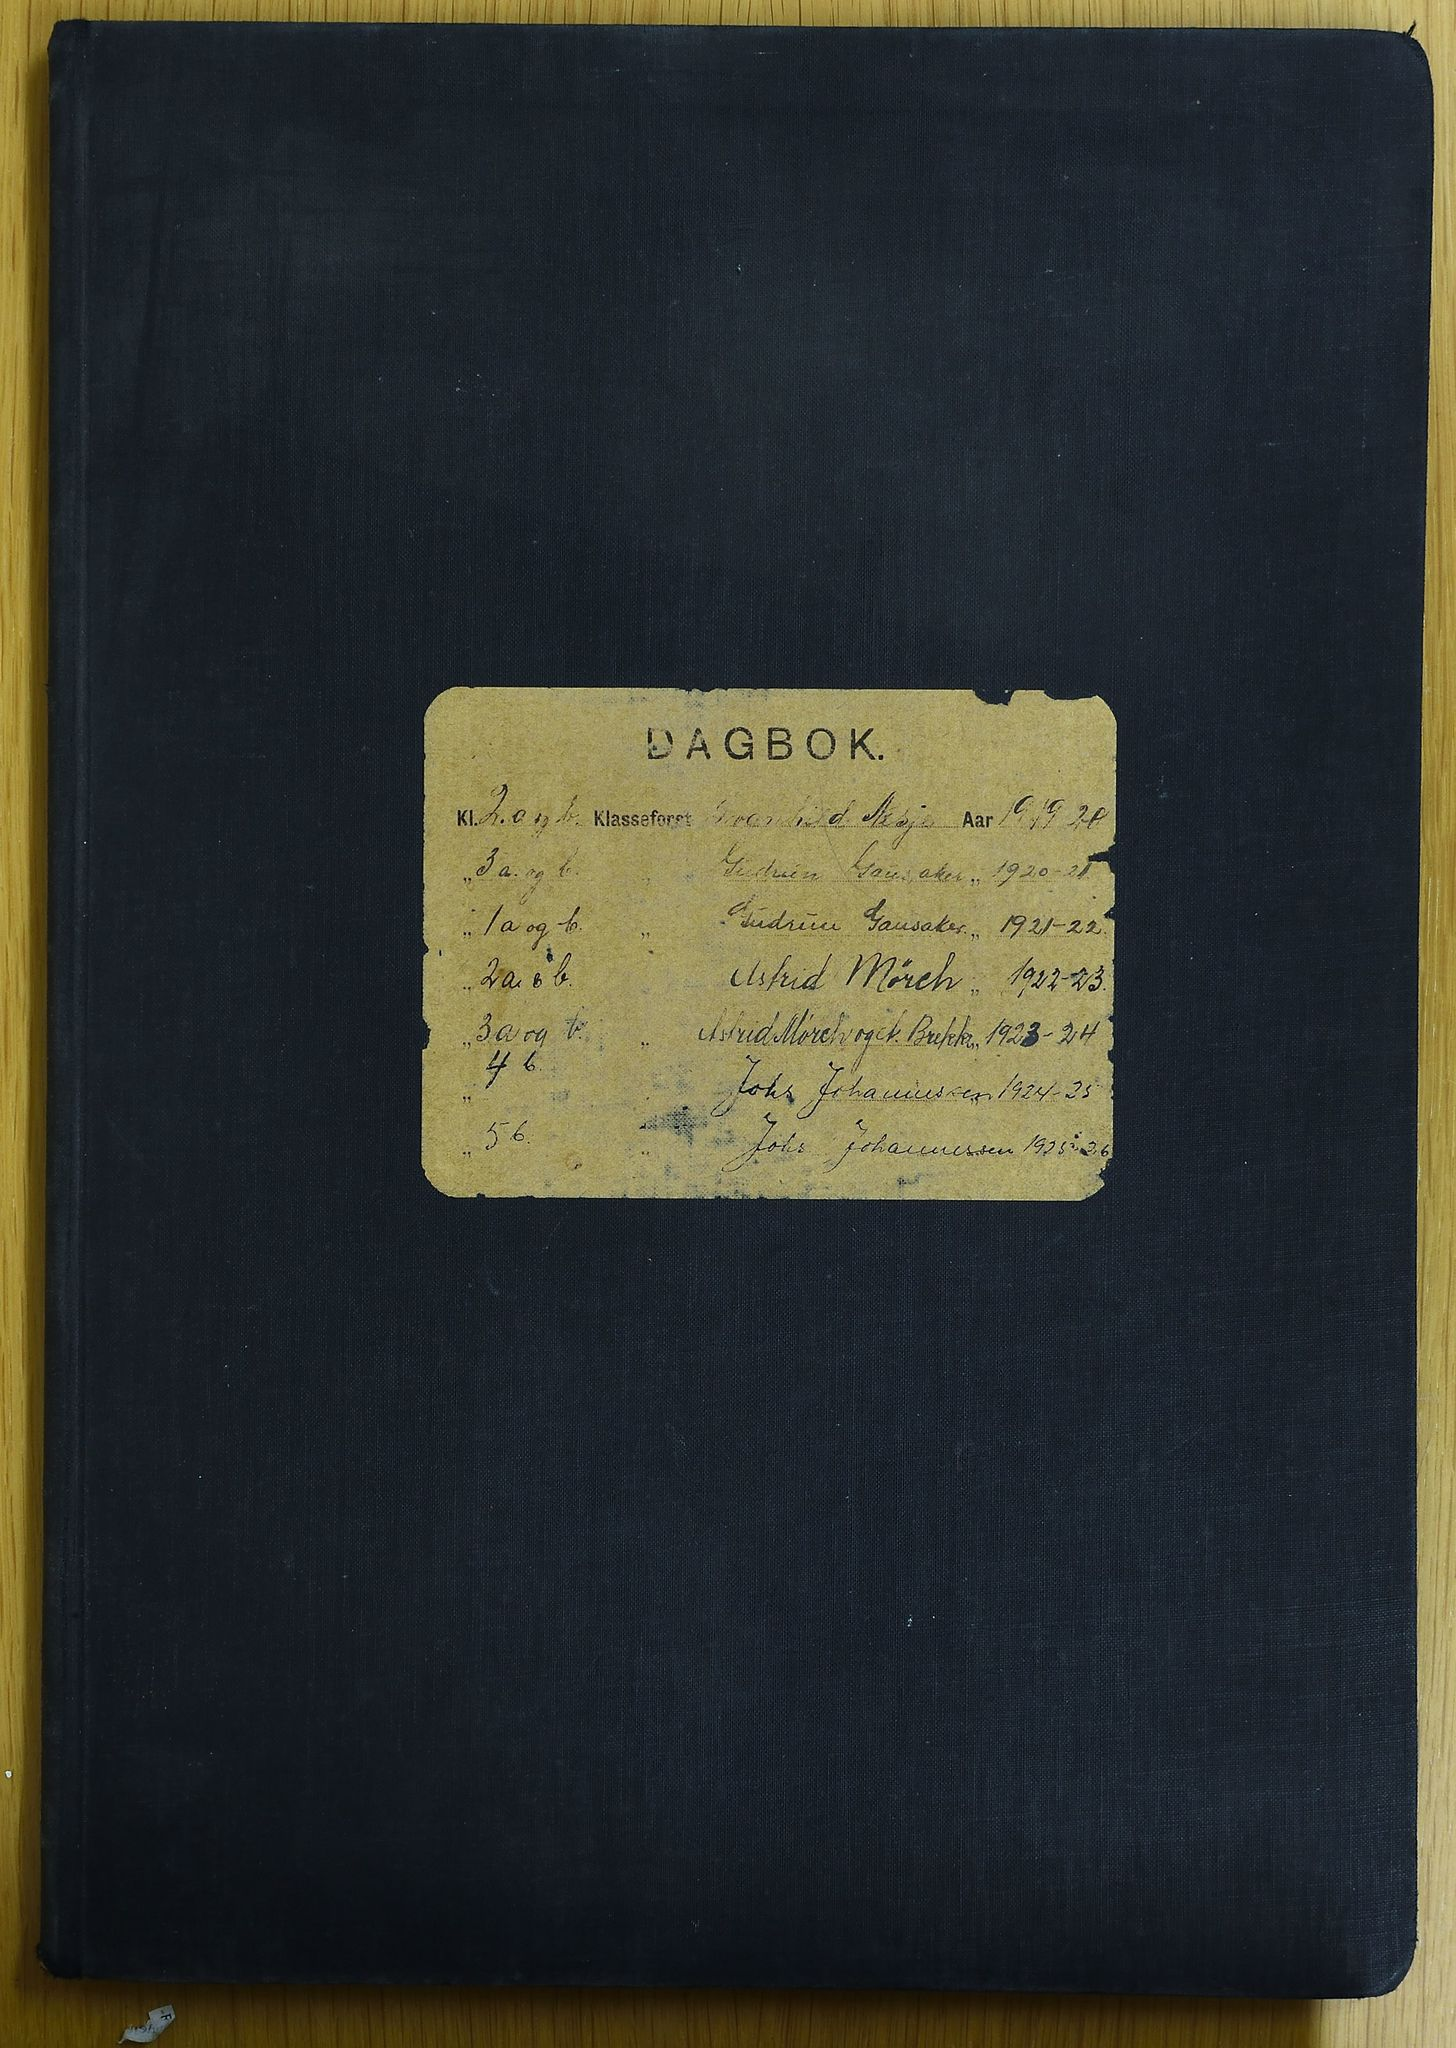 KVT, Vestre Toten kommunearkiv: Raufoss Skole i Vestre Toten kommune. Elevprotokoll 1919-1926 for 1.-5. klasse, 1919-1926